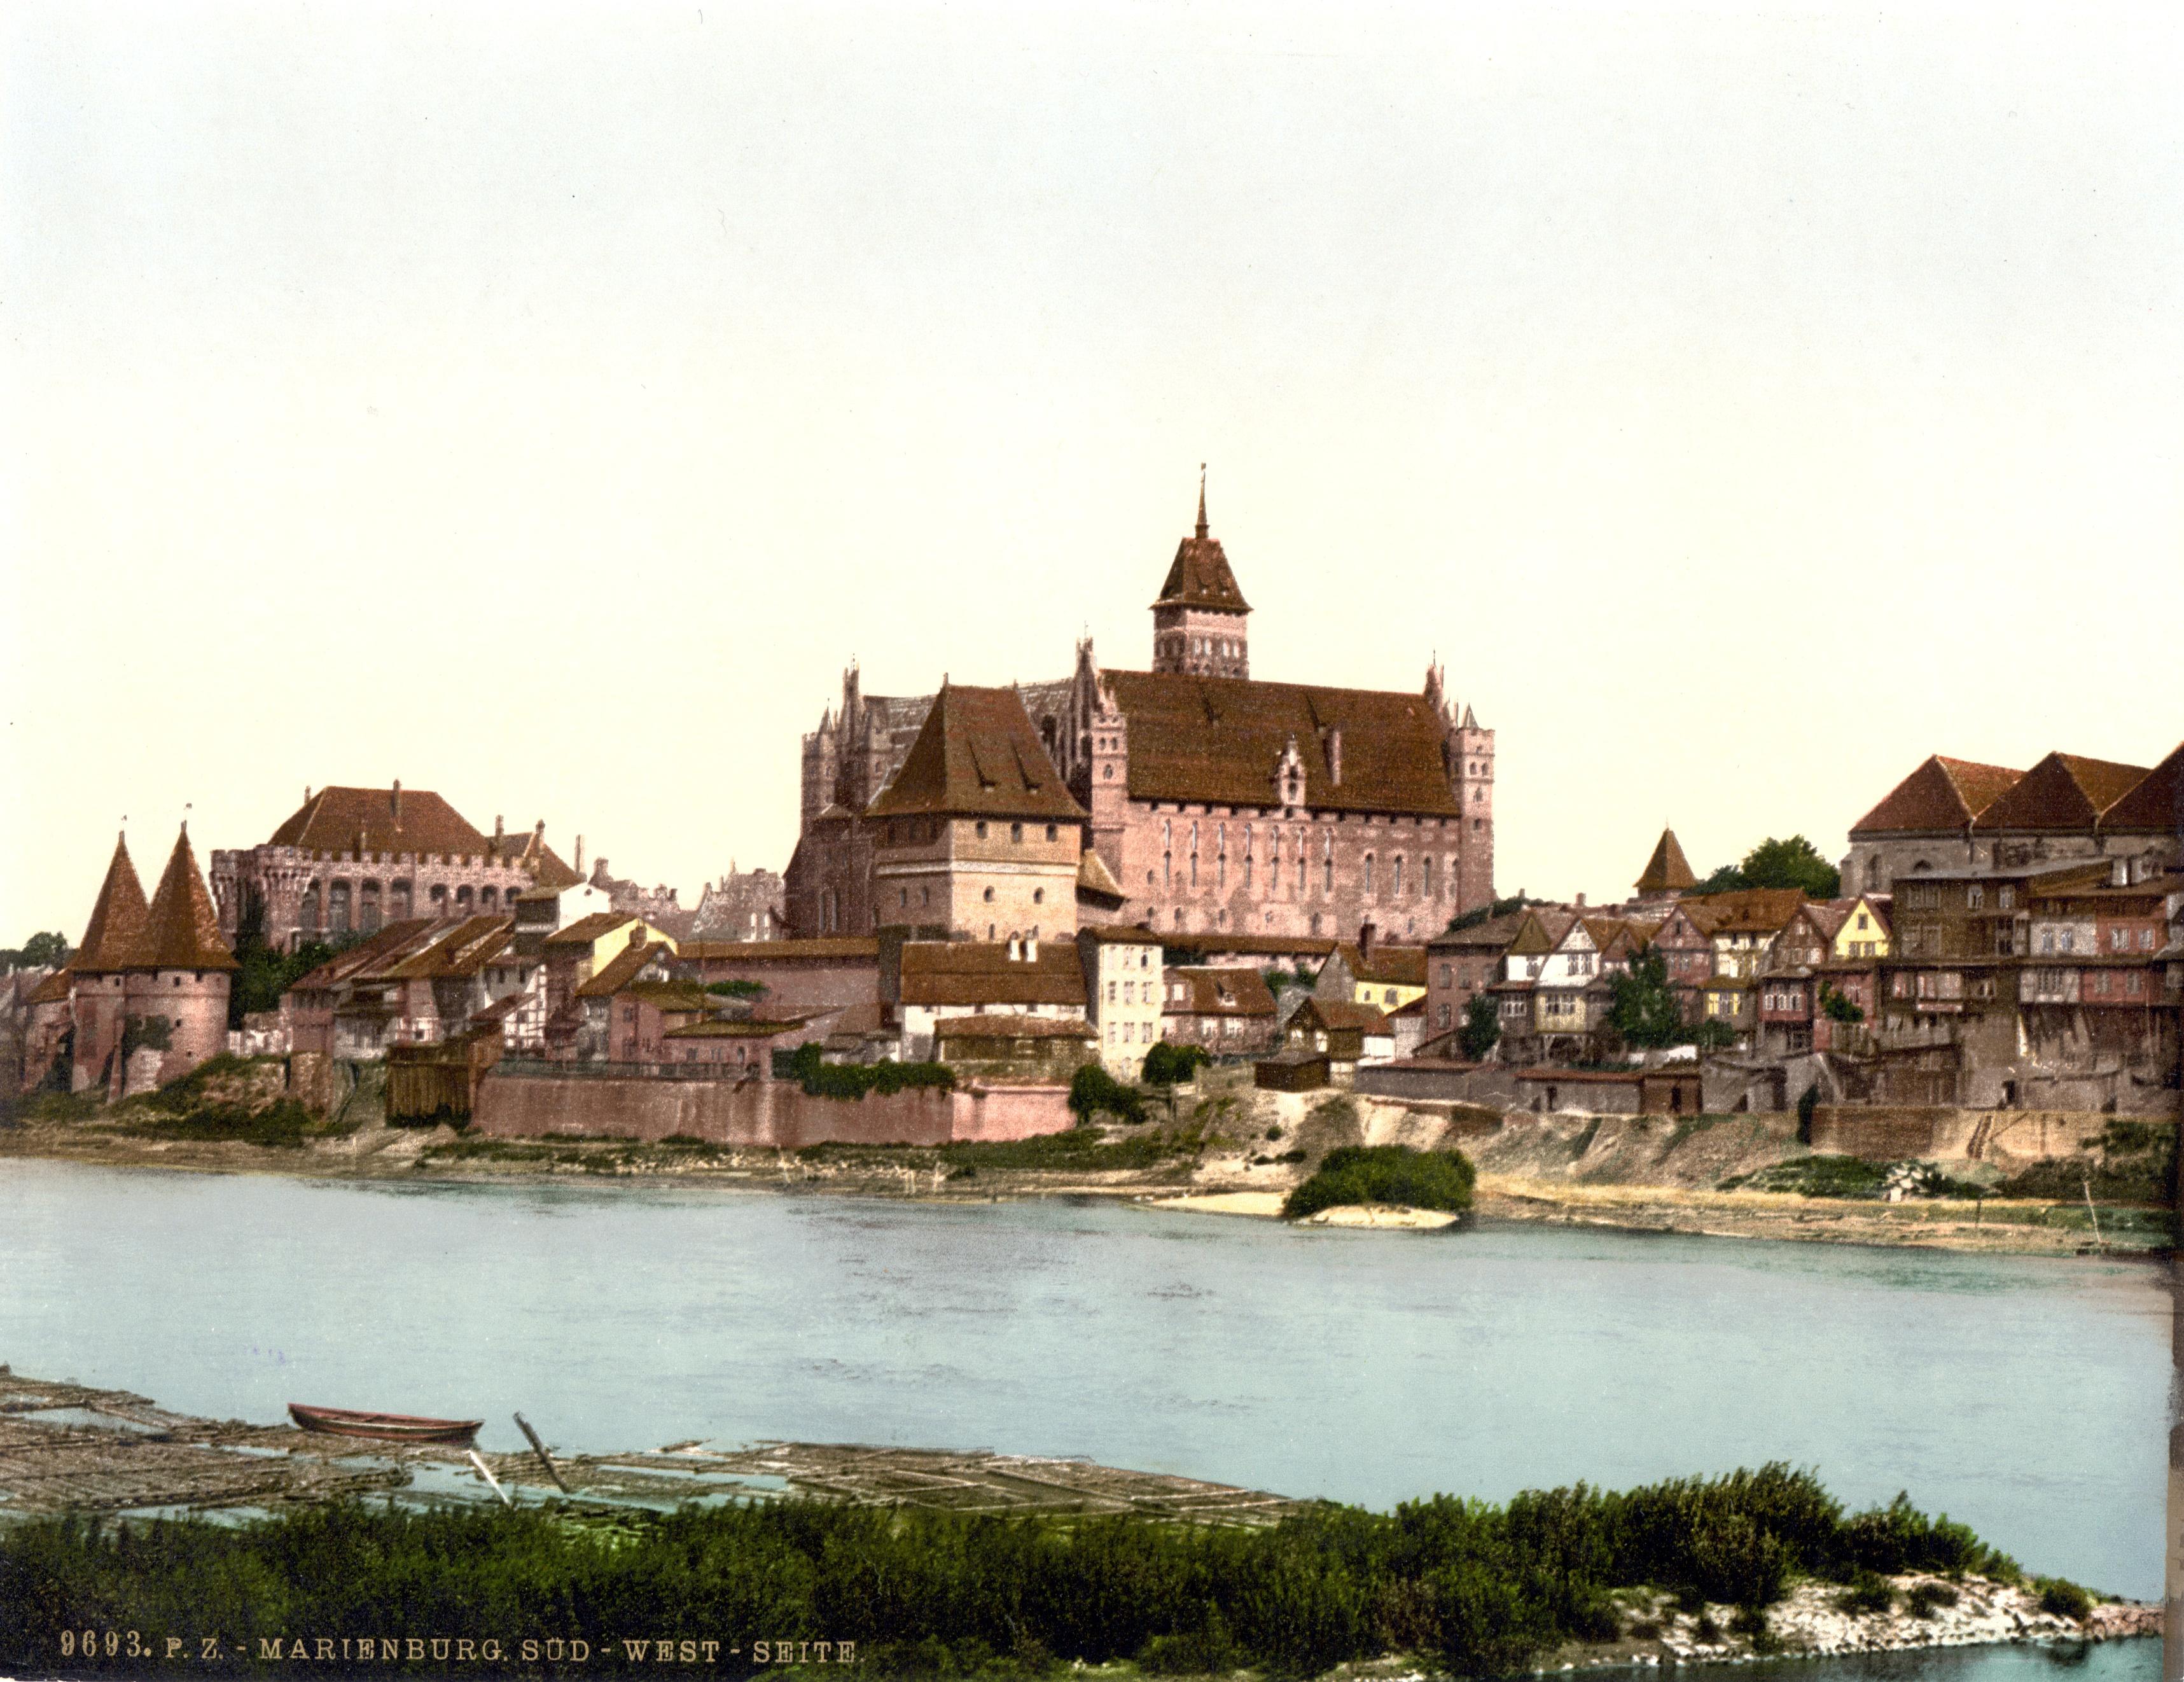 https://upload.wikimedia.org/wikipedia/commons/4/49/Marienburg_(1890-1900).jpg